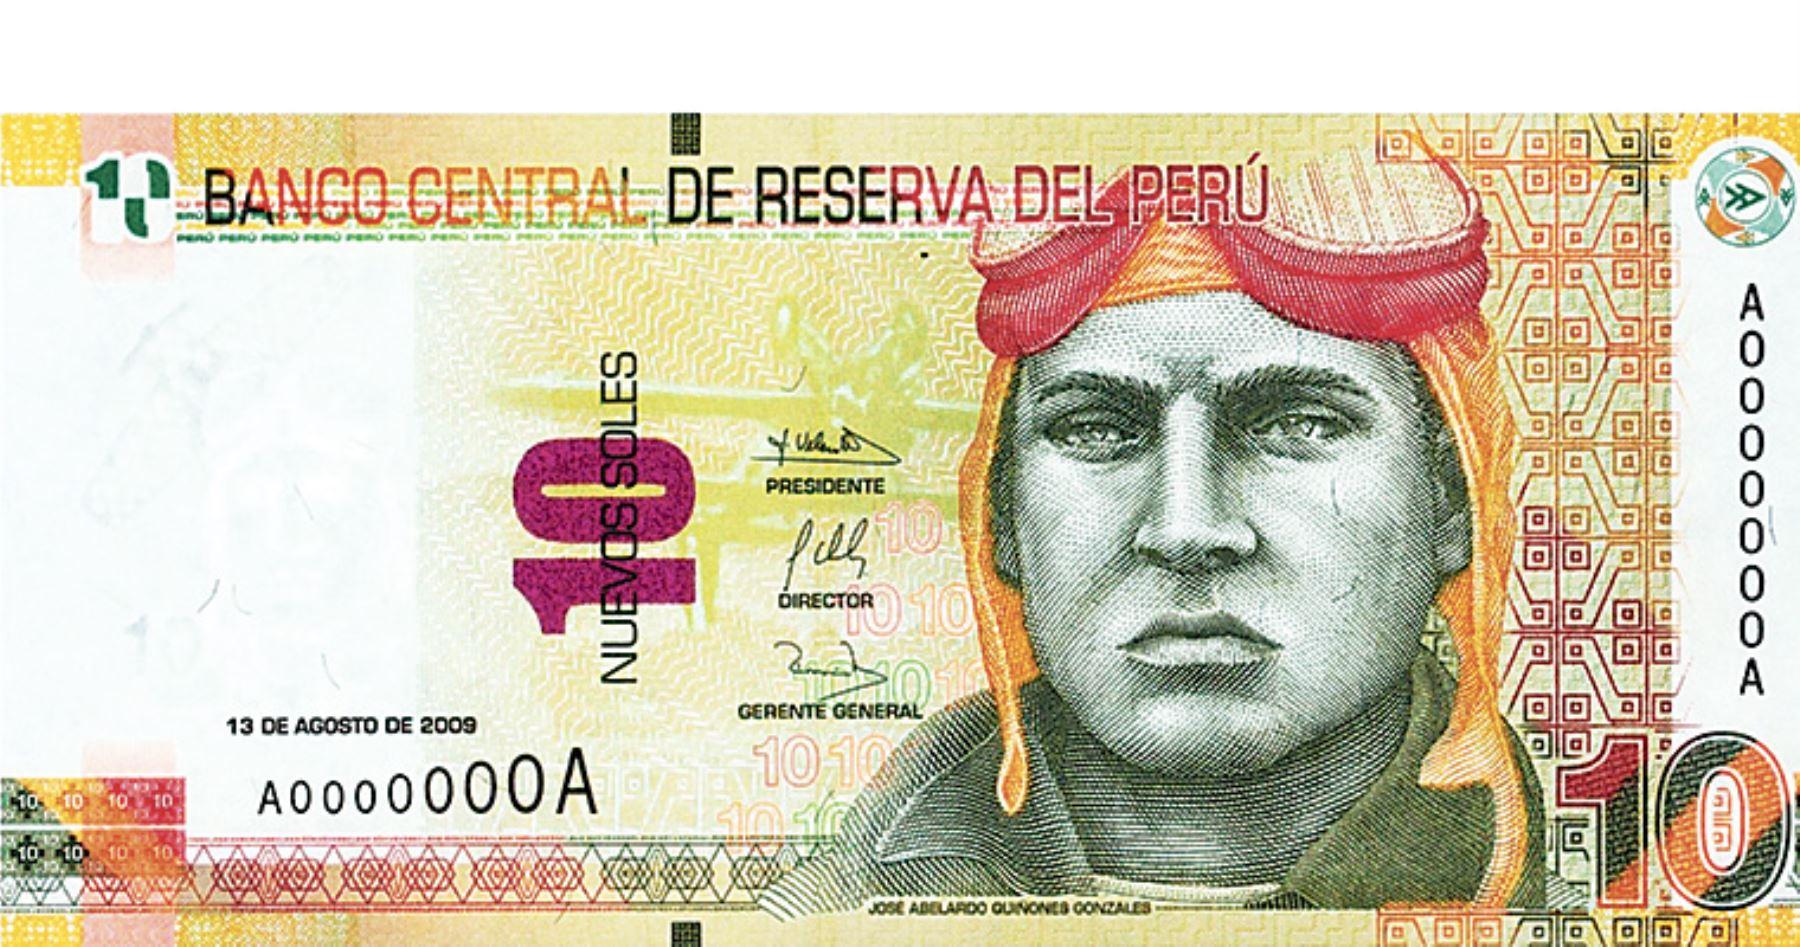 Monedas del Perú. Foto: andina.pe